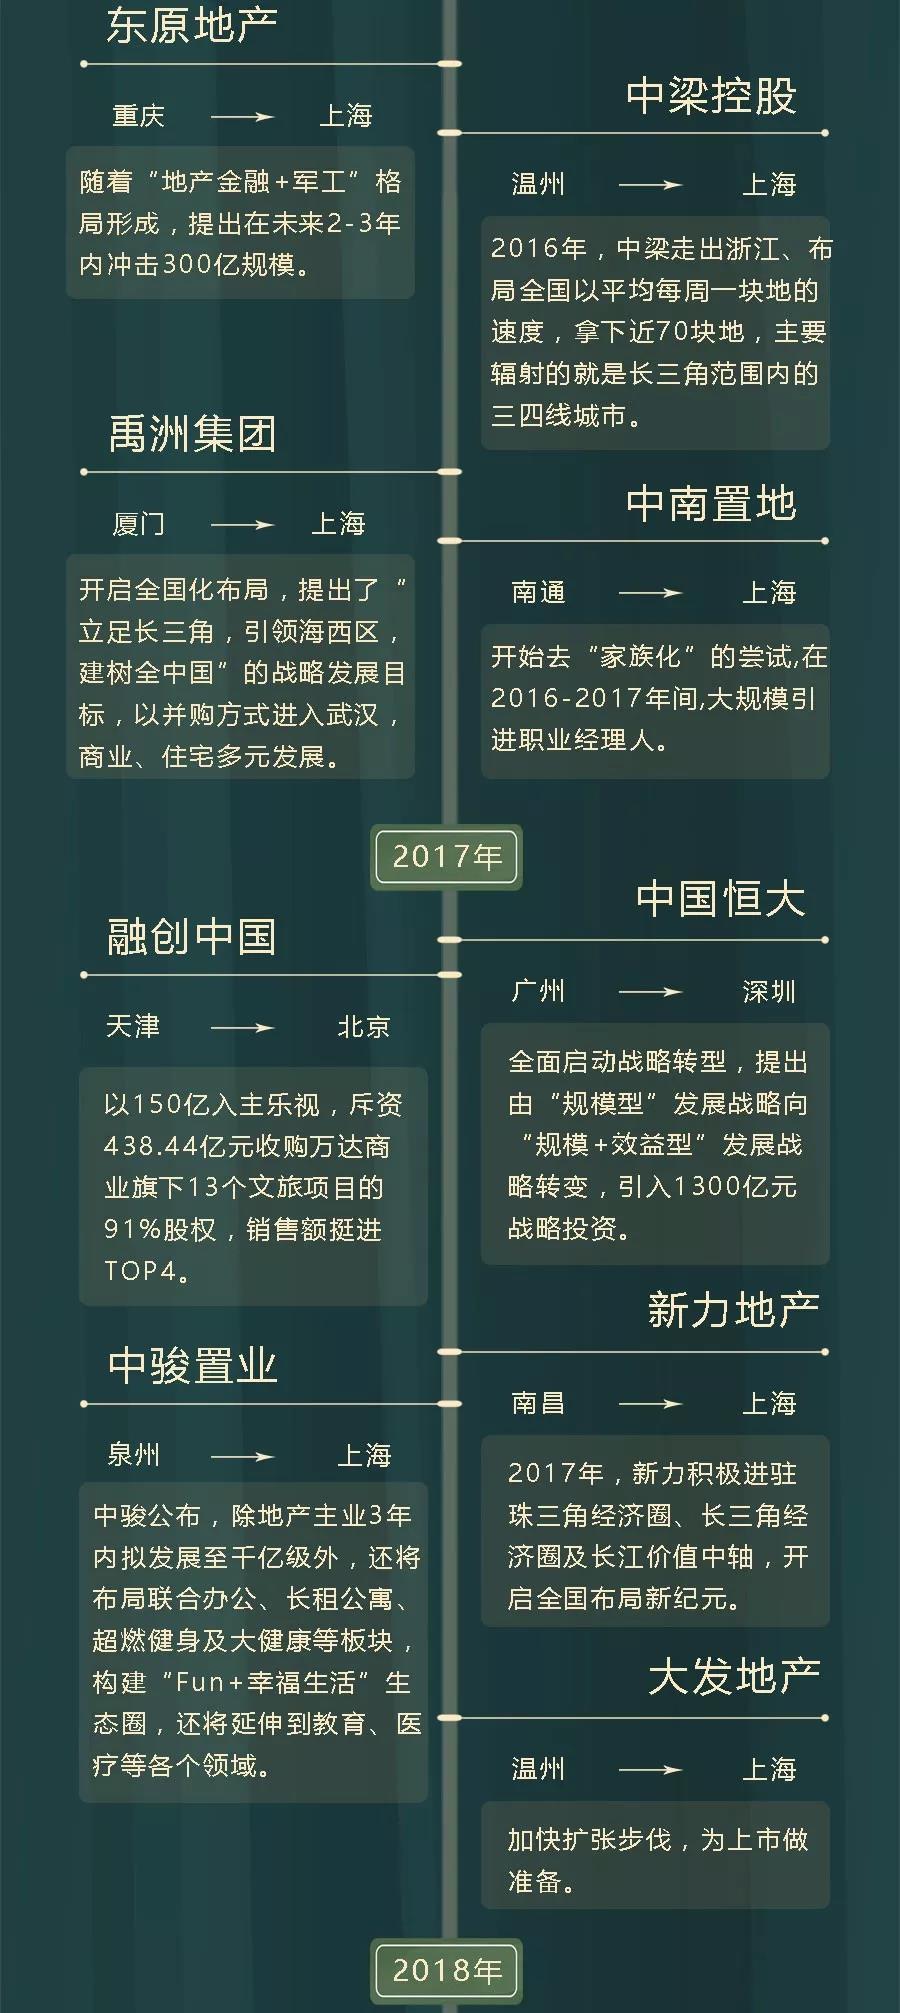 叩问新十年③丨10年房企总部走位图,未来英雄来自何方?(长图版)